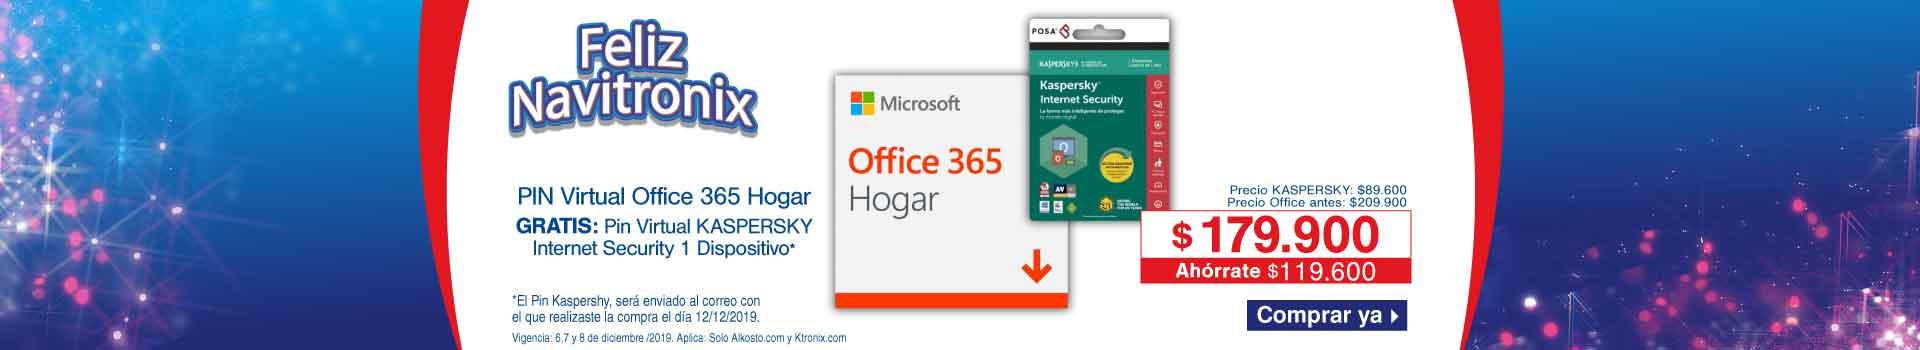 KT-BCAT-OFFICE-HOGAR-GRATIS-KASP-6DIC-NLD